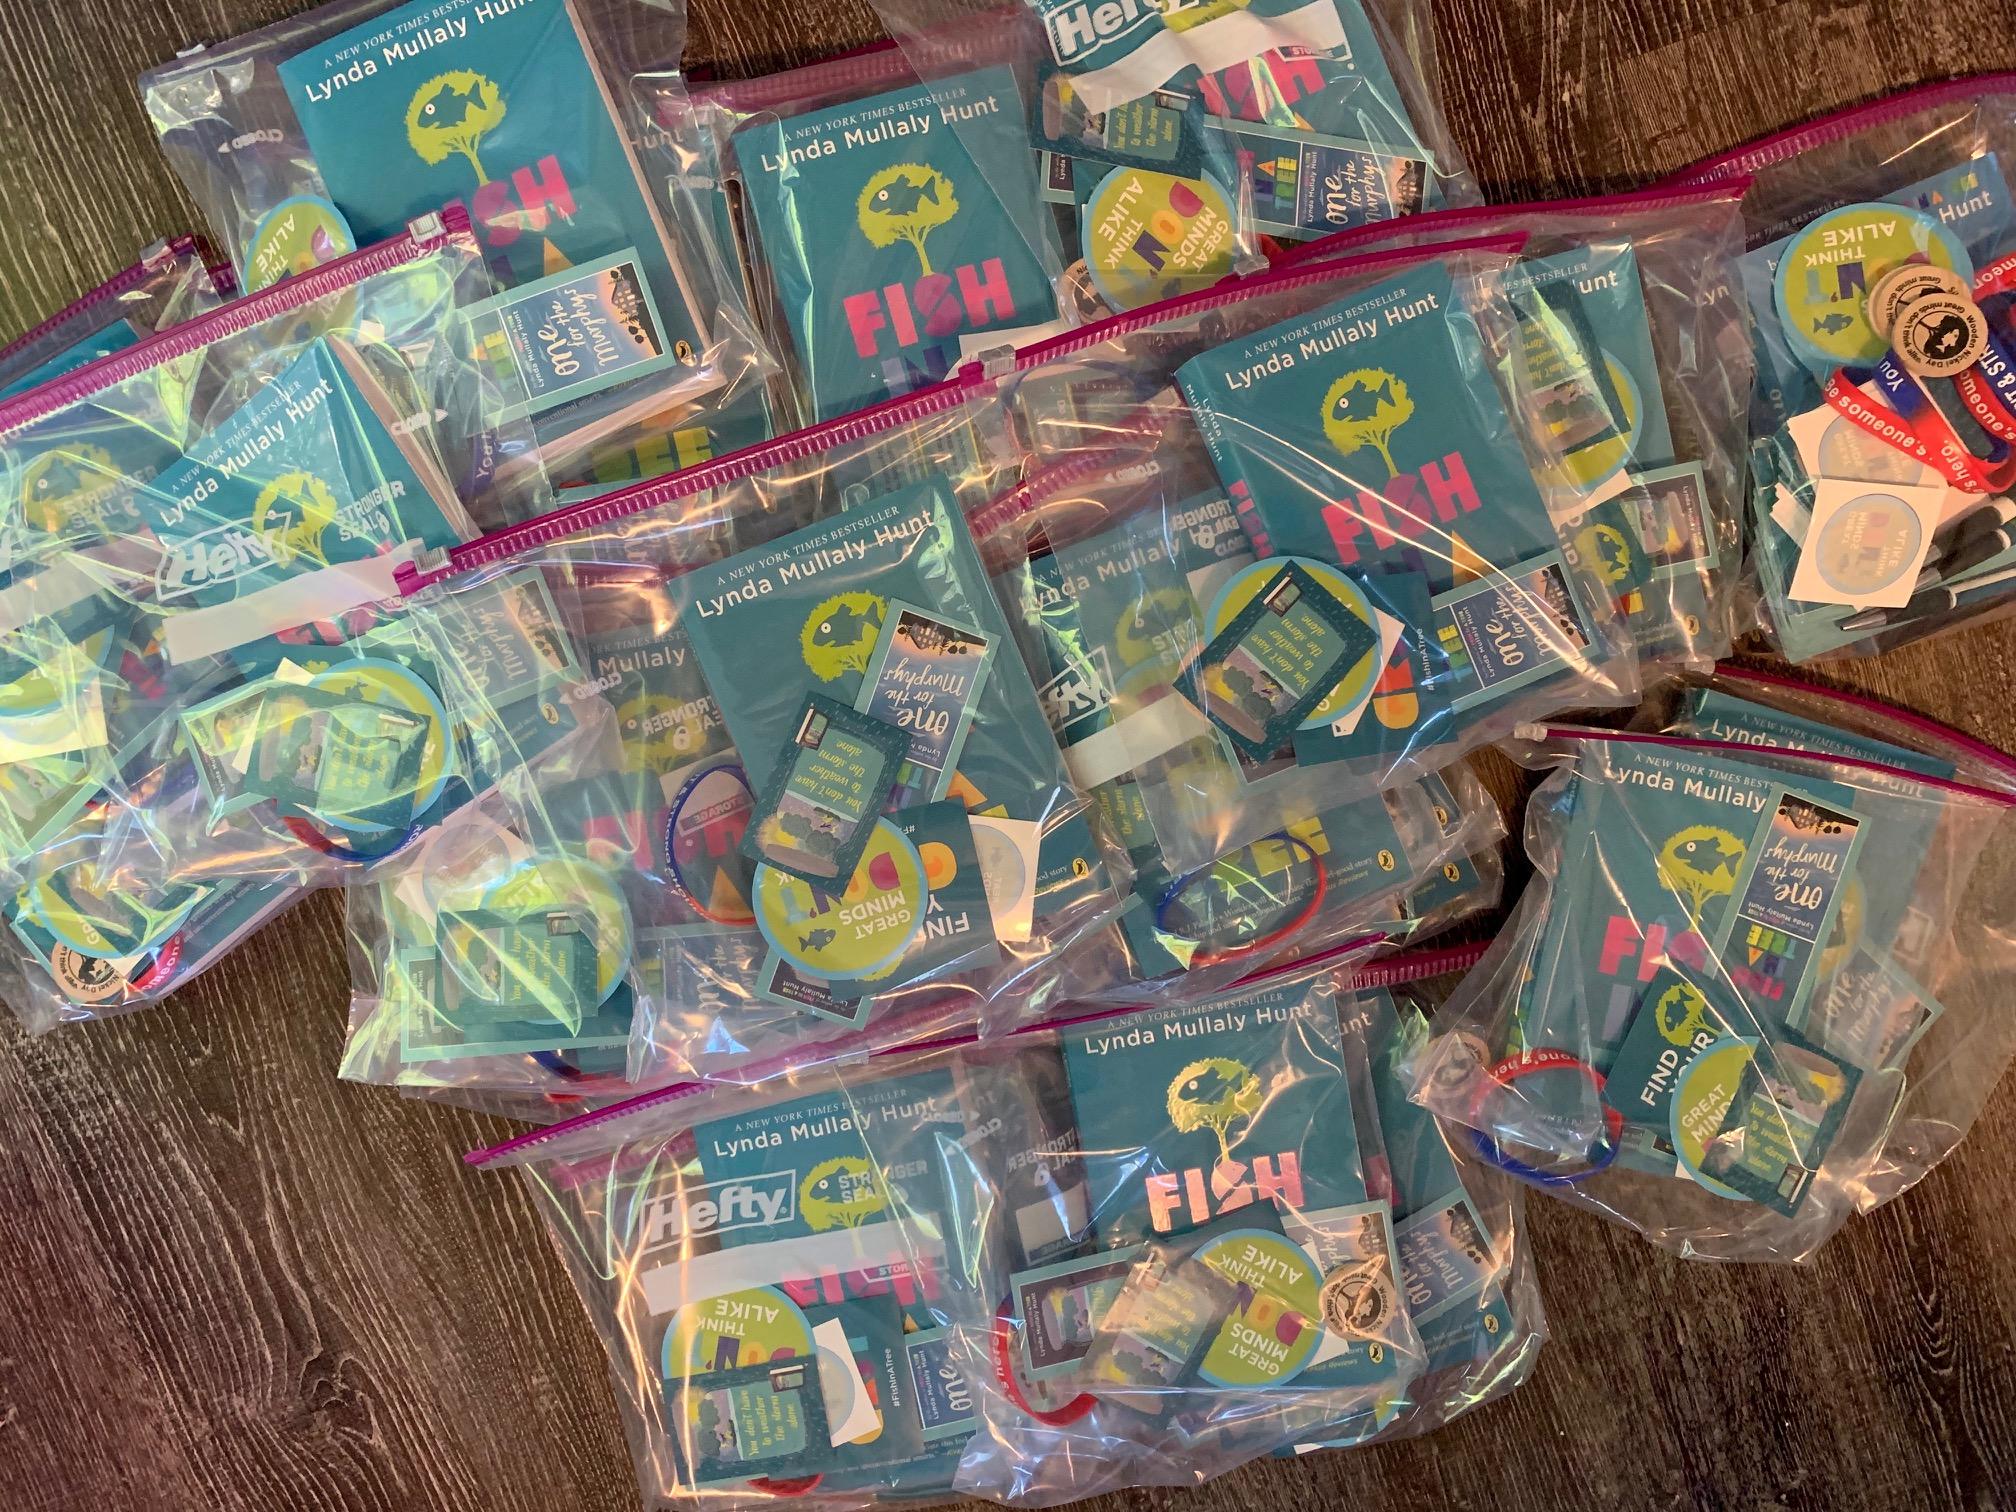 book packs in bags